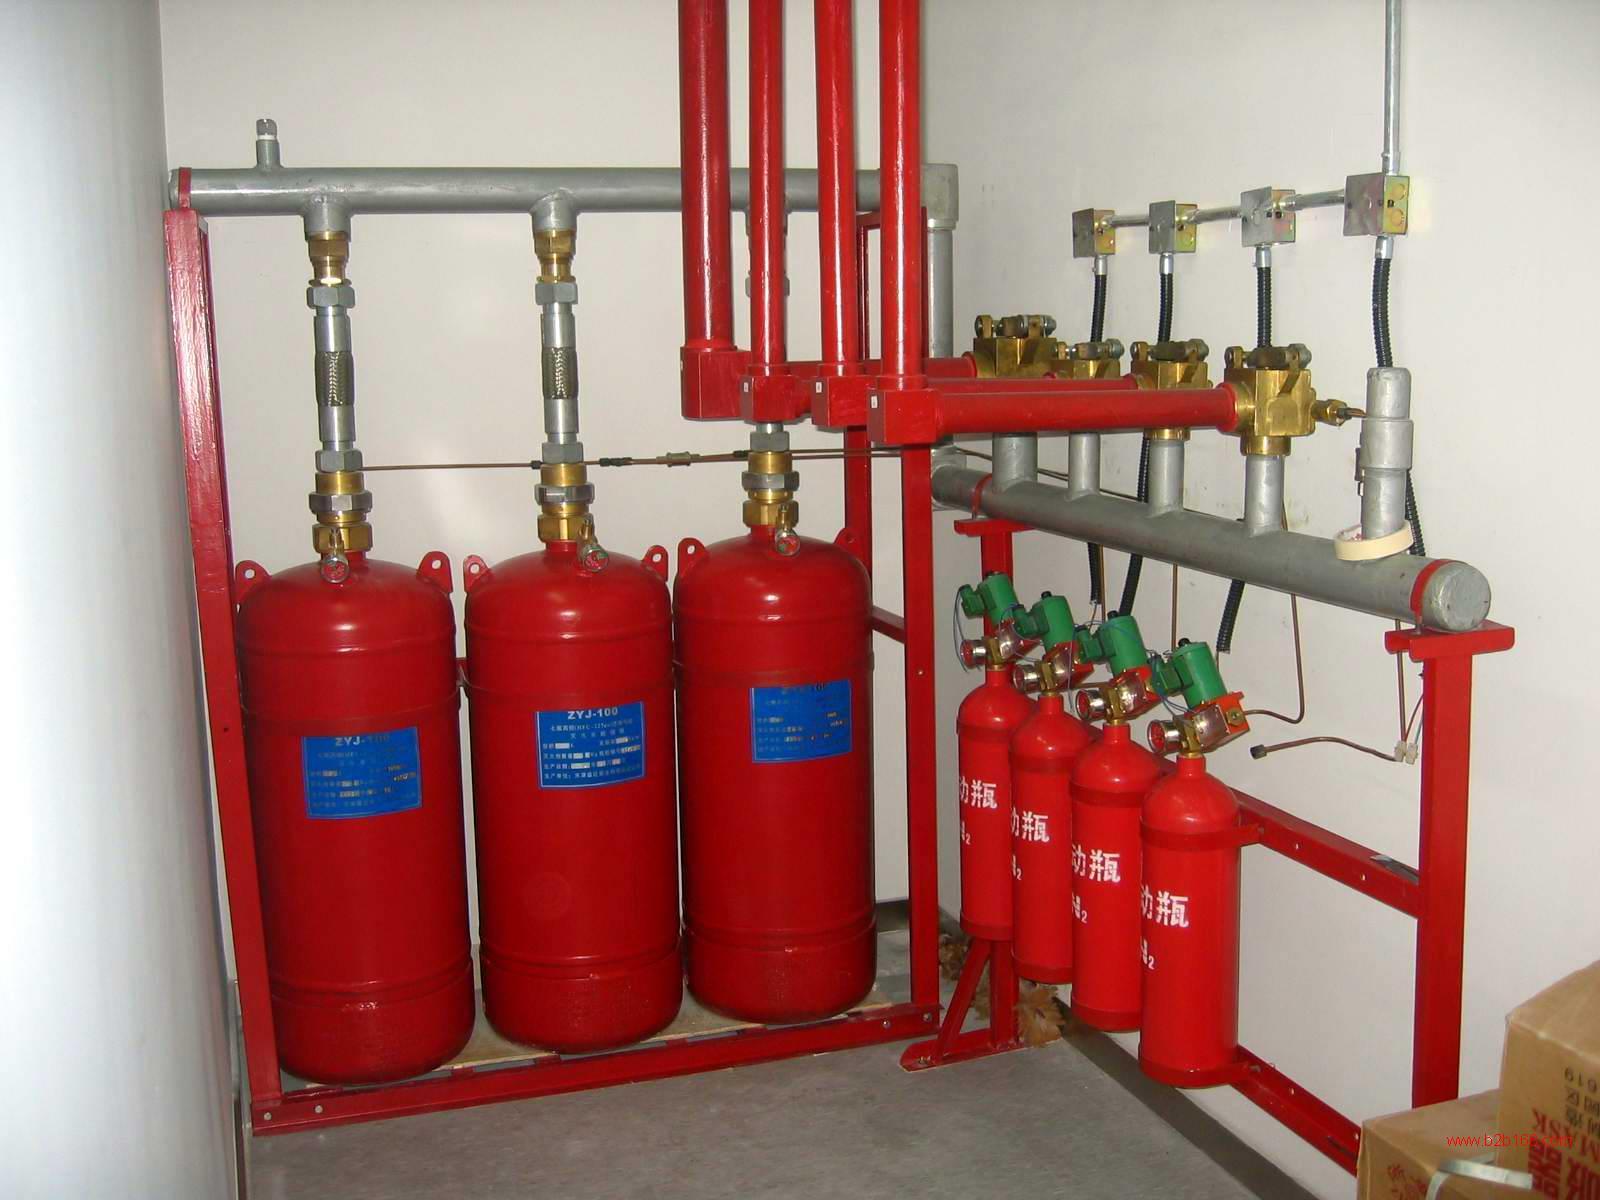 白银消防工程共分为哪几个系统